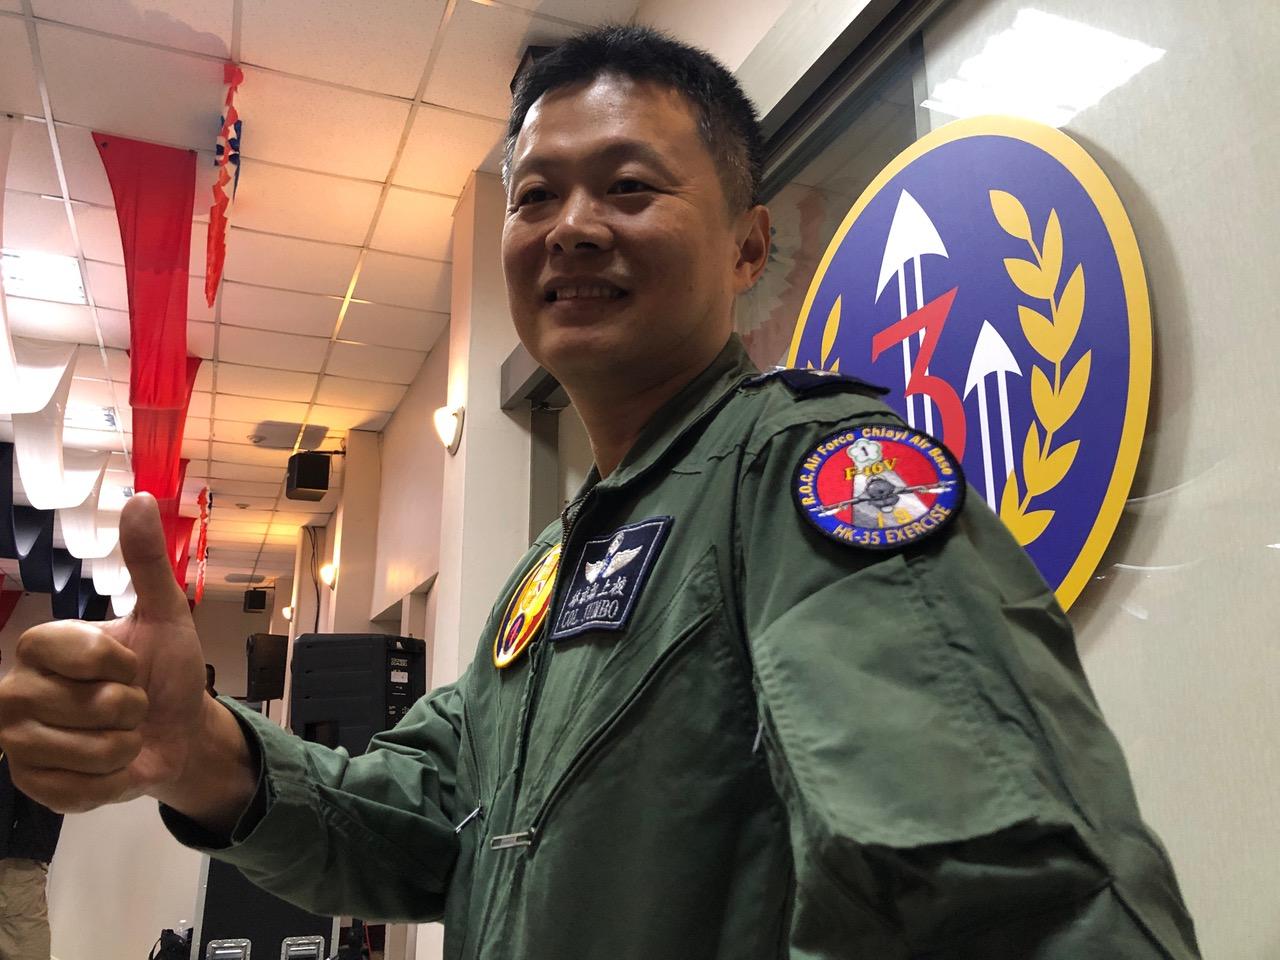 2019年5月28日,F-16V任务领队上校队长林猷翔。(记者夏小华摄)